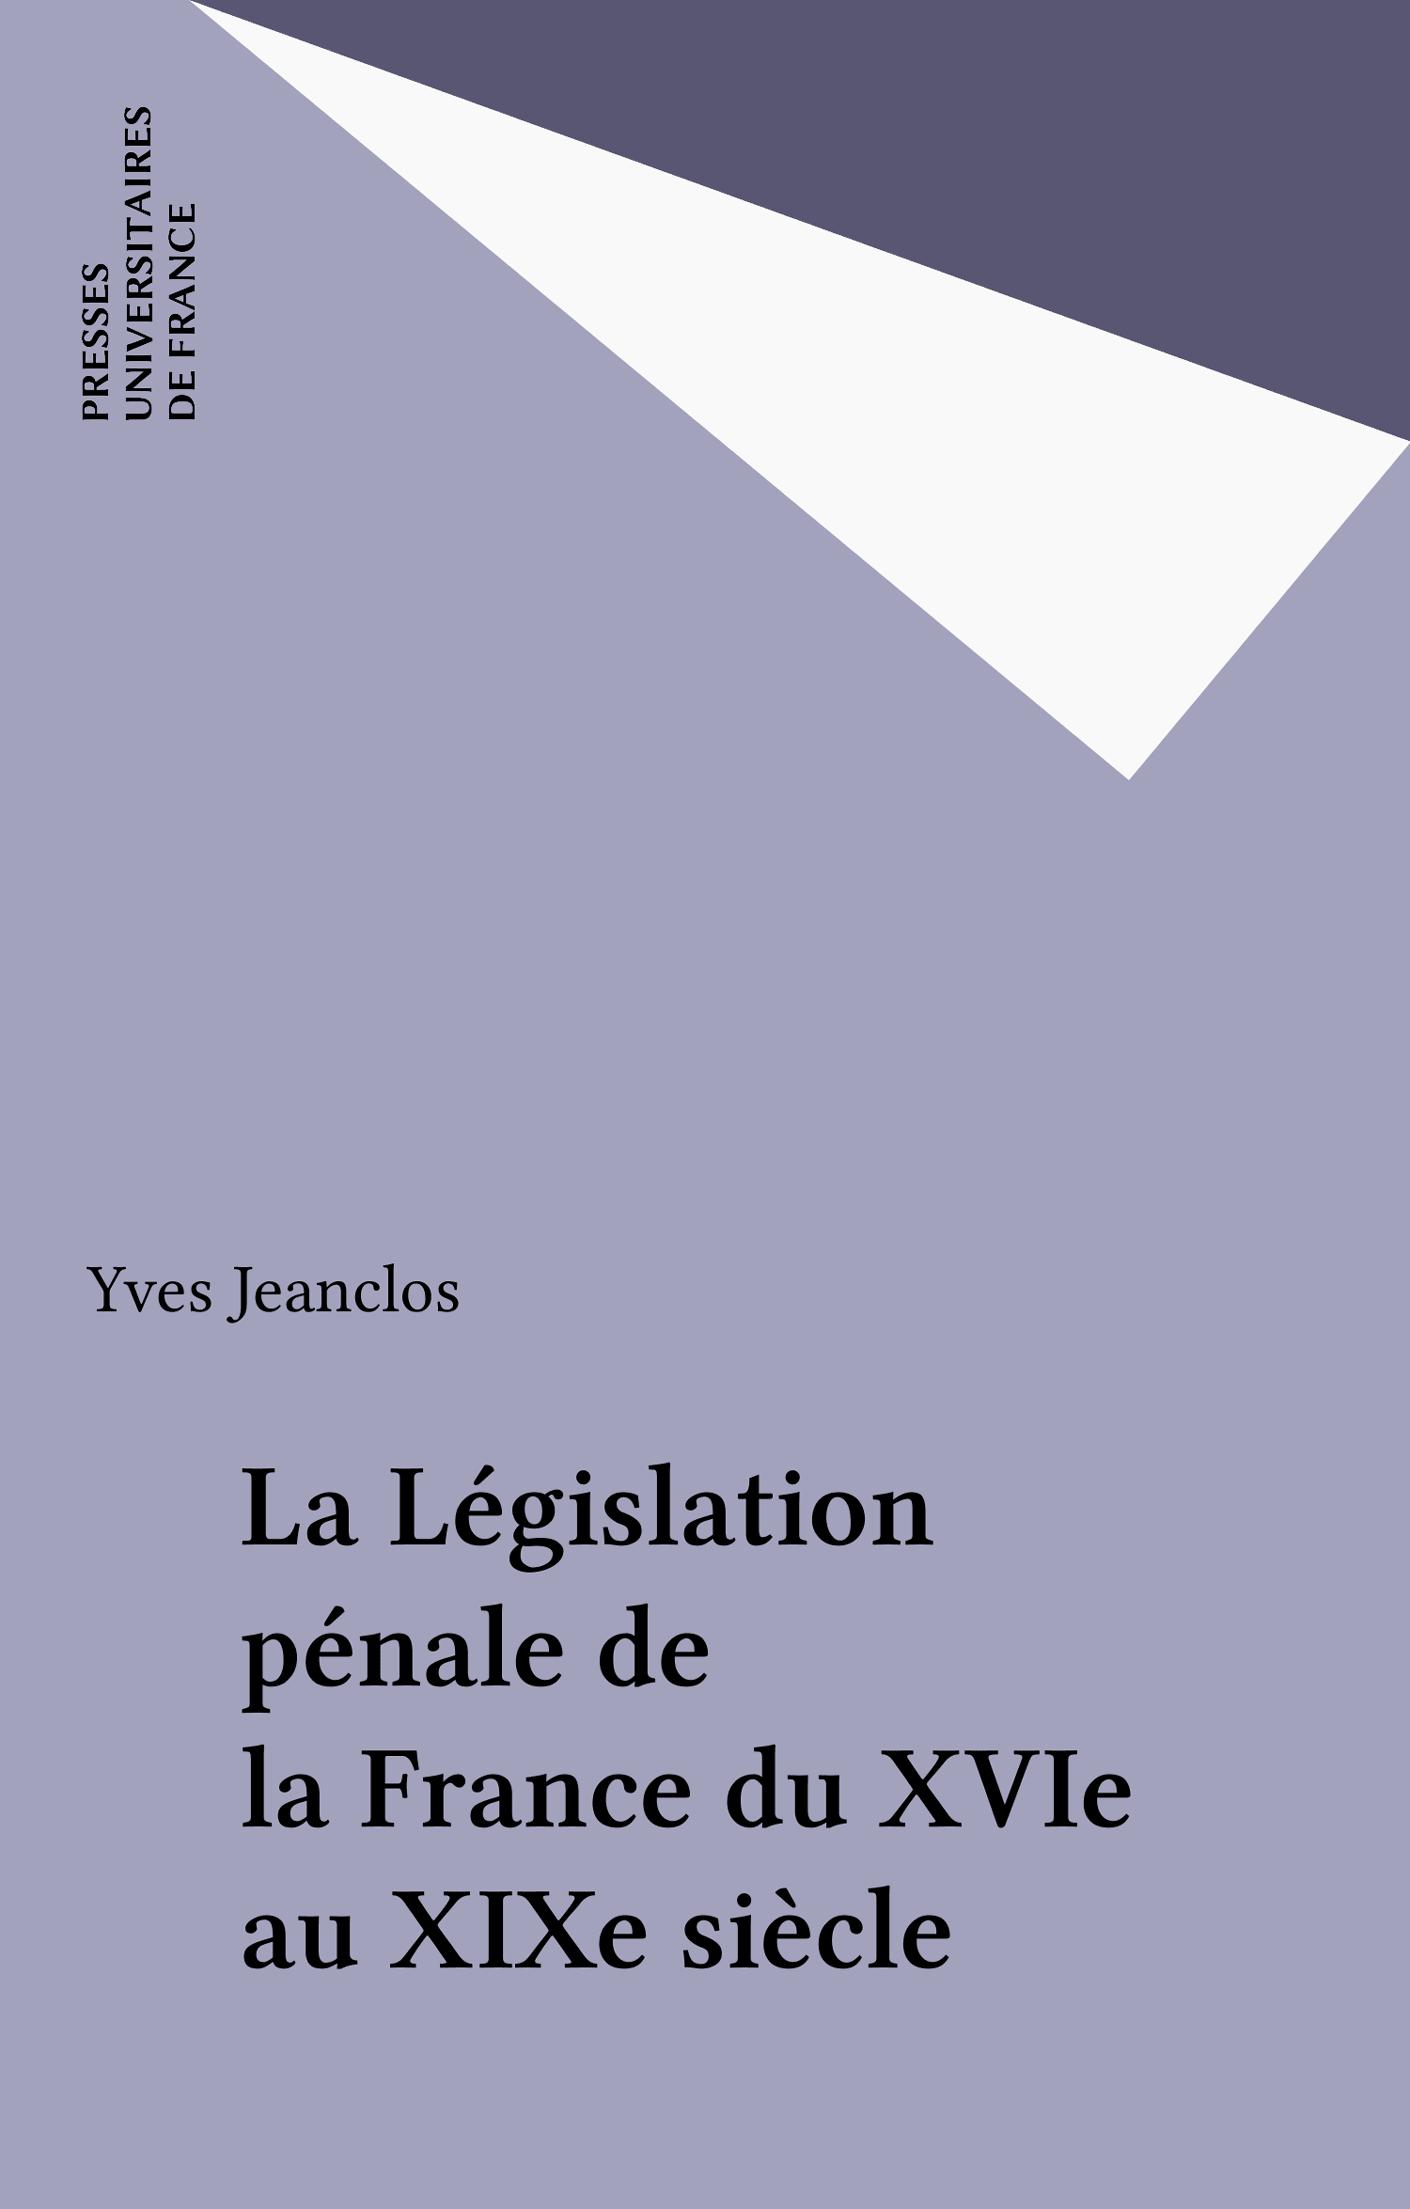 La Législation pénale de la France du XVIe au XIXe siècle